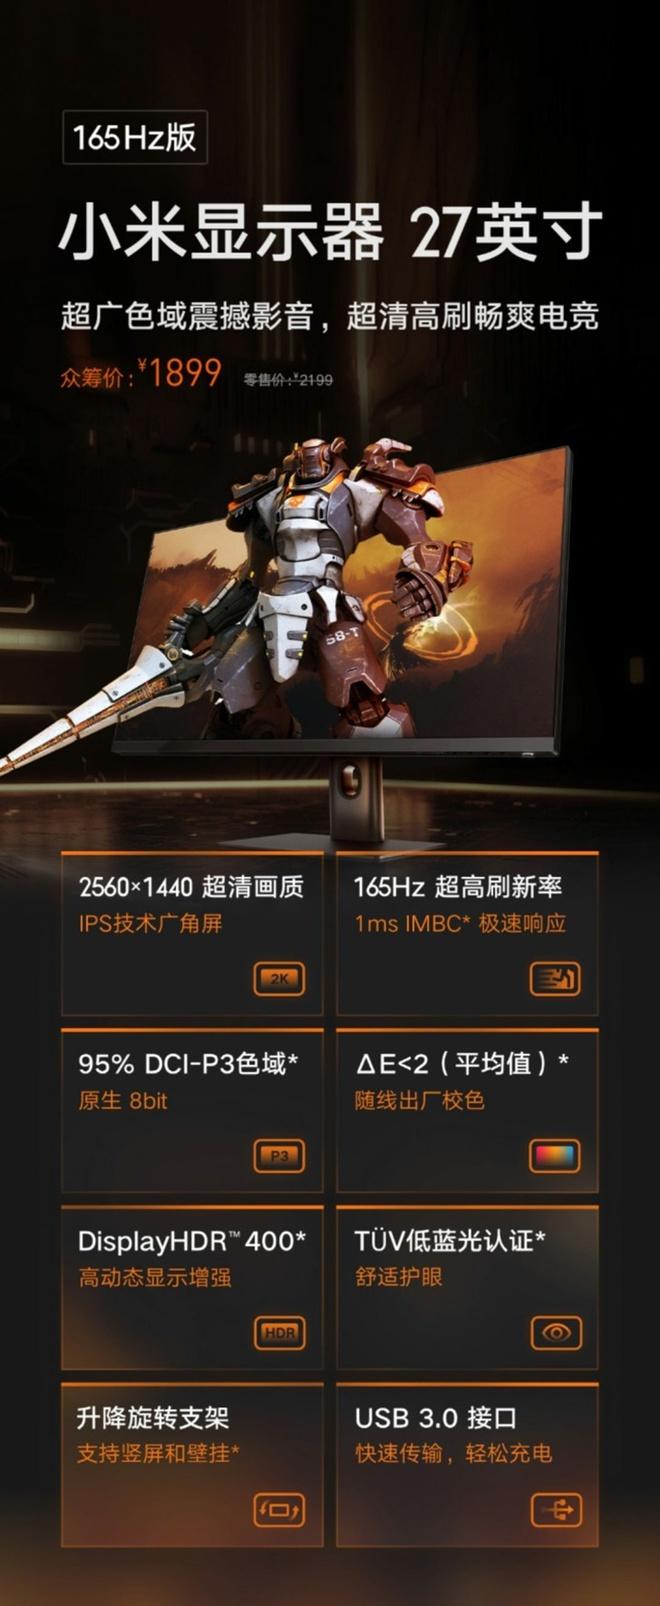 Xiaomi ra mắt màn hình gaming 27 inch: Độ phân giải 2K, tần số quét 165Hz, IPS, giá chỉ 6.2 triệu đồng - Ảnh 1.